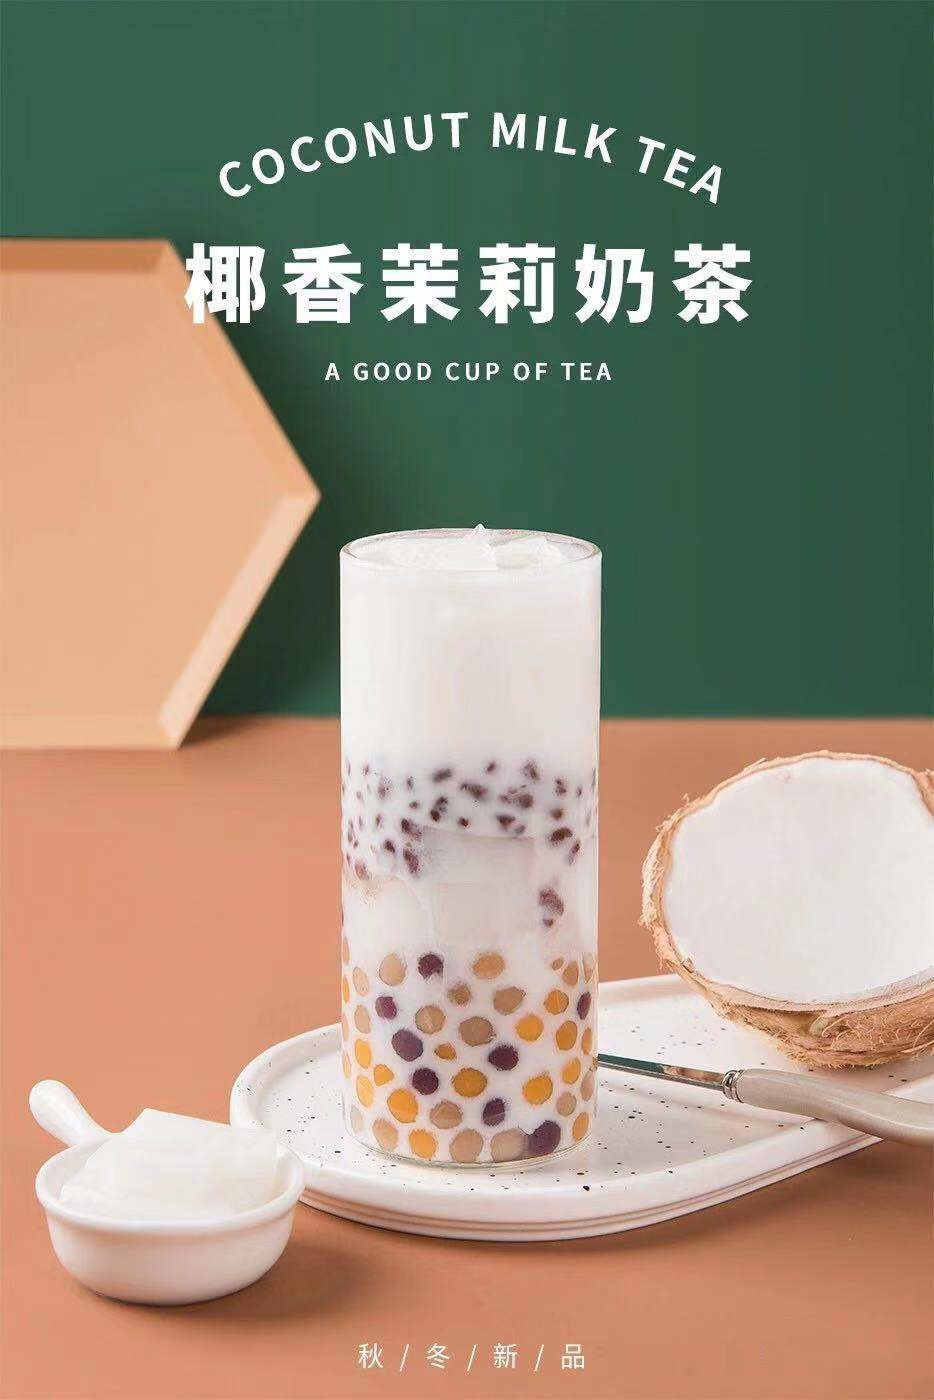 秋冬奶茶新搭配,椰香茉莉奶茶,香濃不膩冷熱皆宜